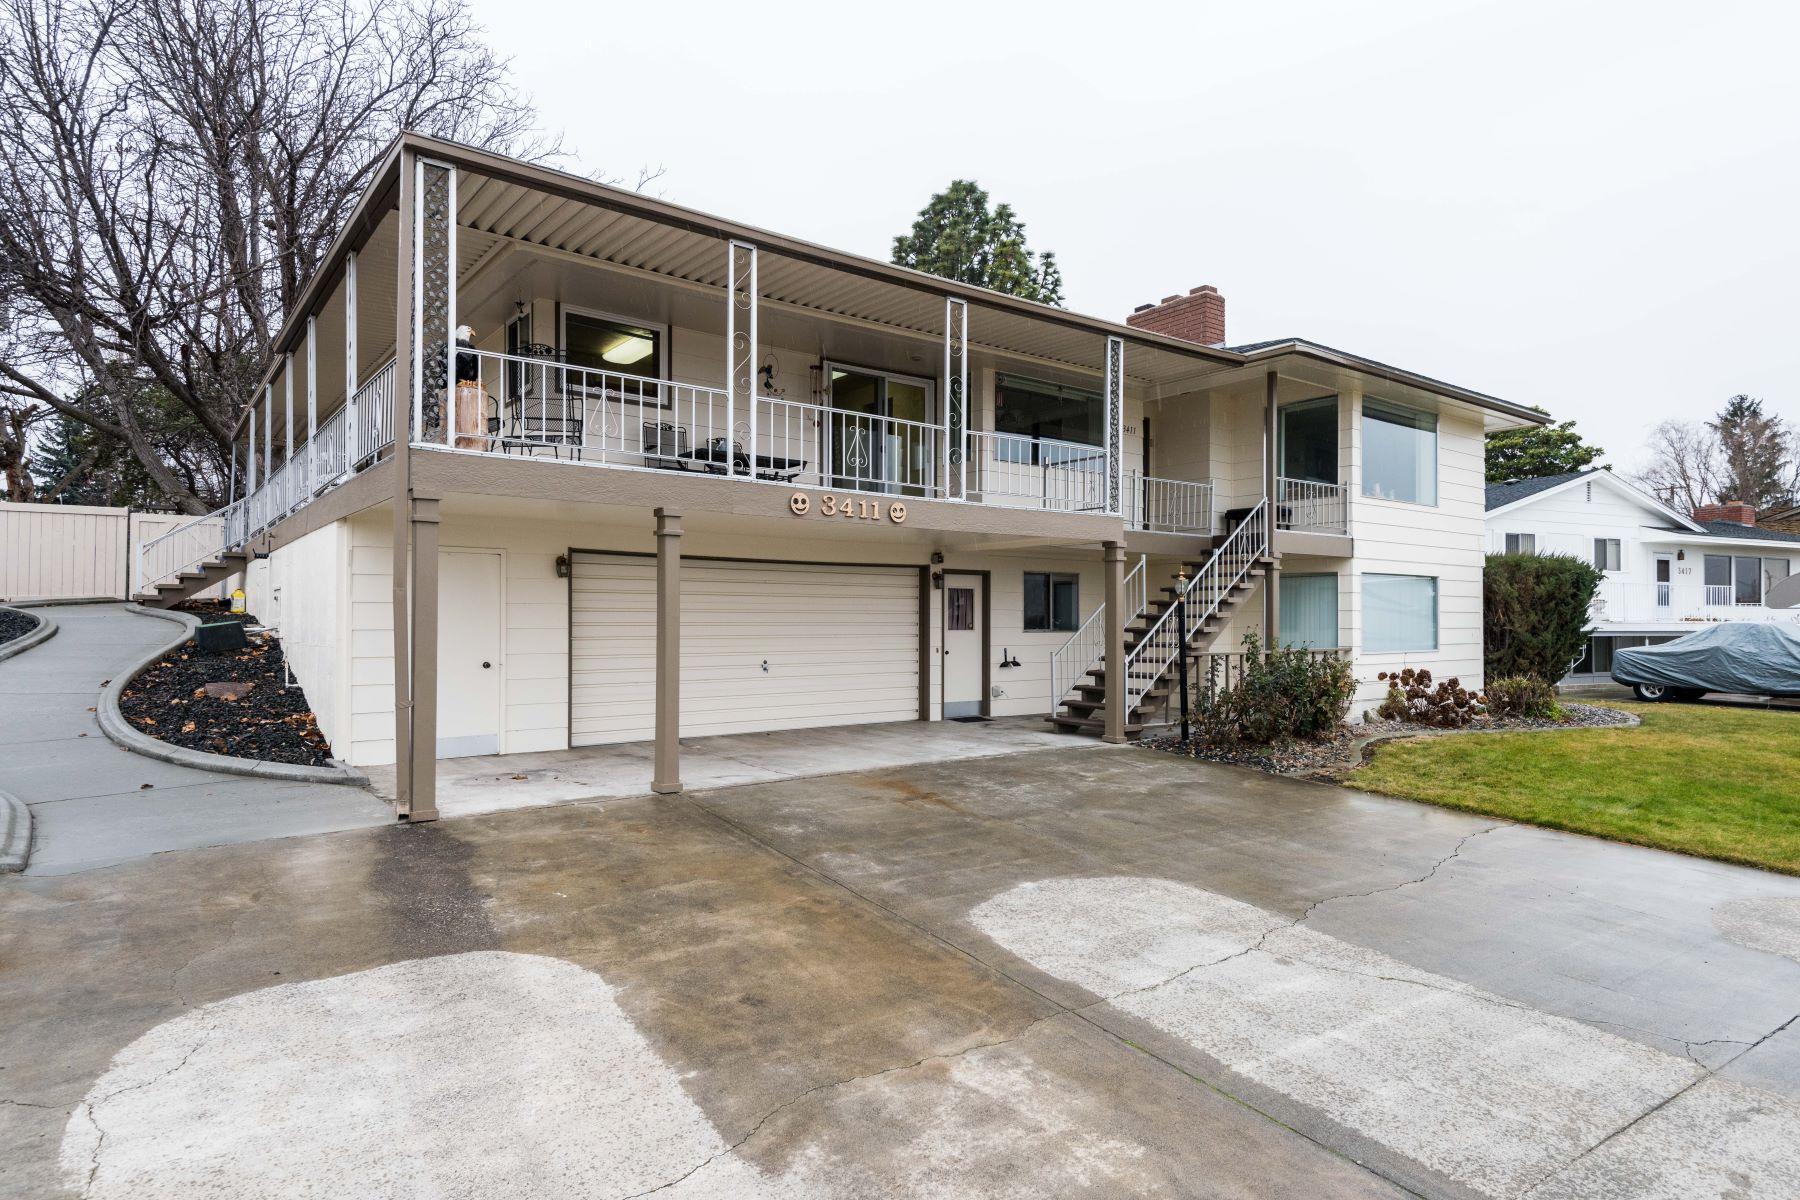 Частный односемейный дом для того Продажа на River View 3411 West Canal Drive, Kennewick, Вашингтон, 99336 Соединенные Штаты